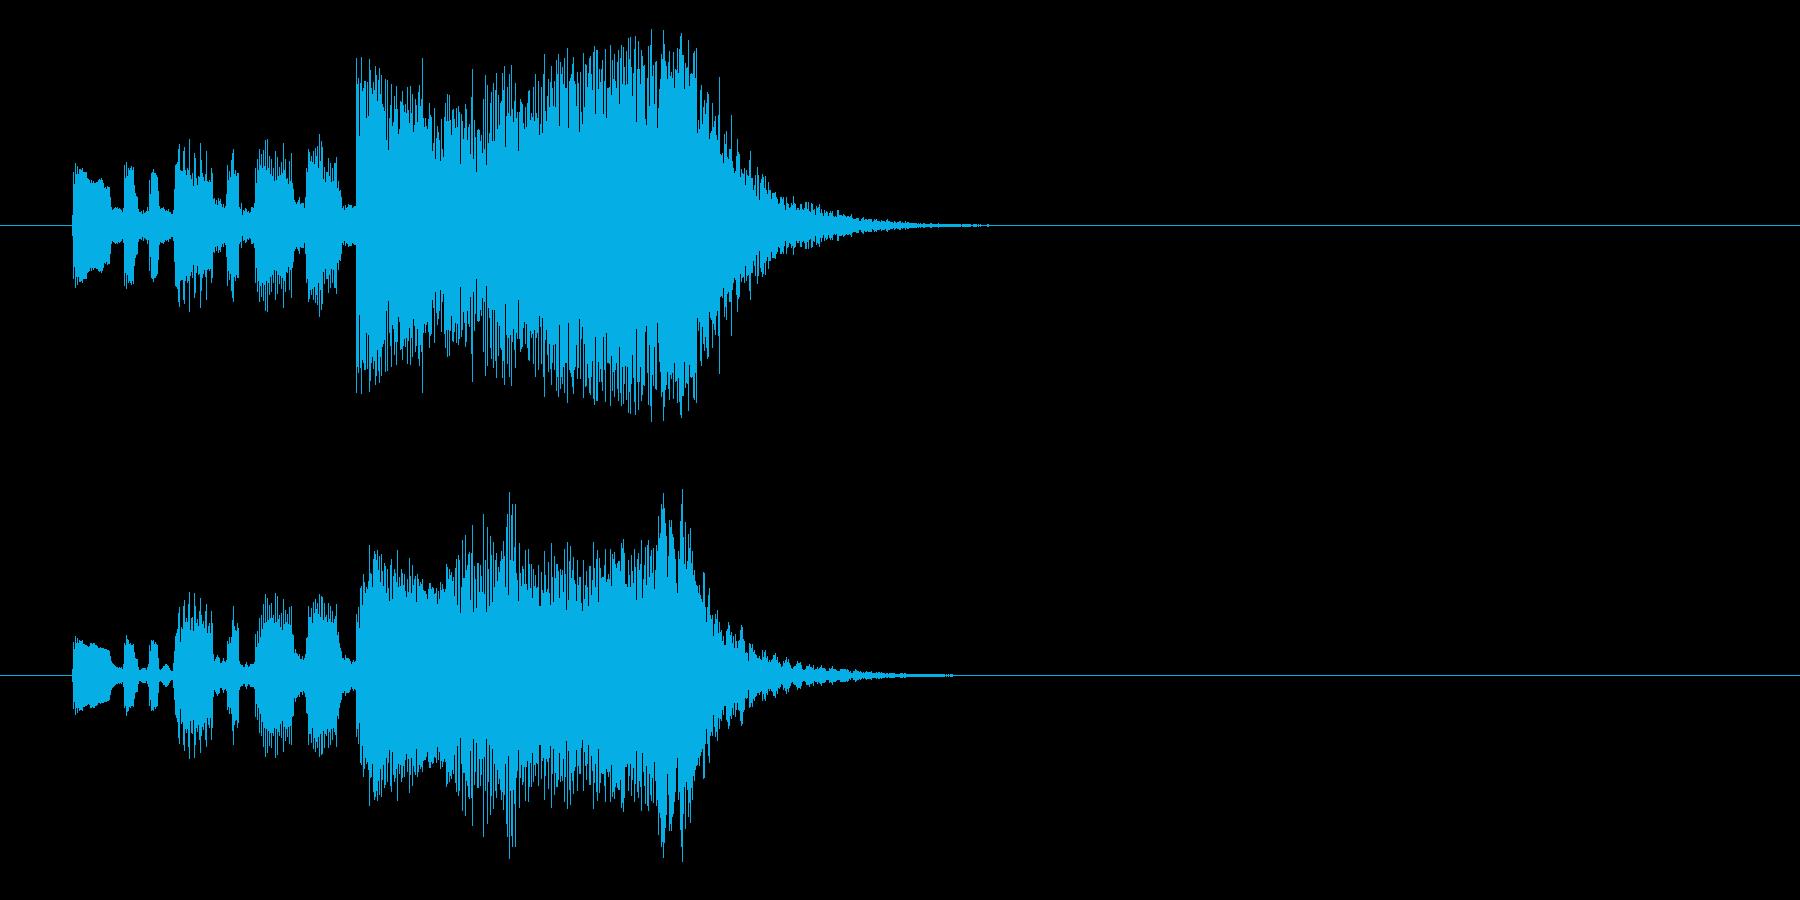 オーケストラ・ファンファーレ風ジングルの再生済みの波形